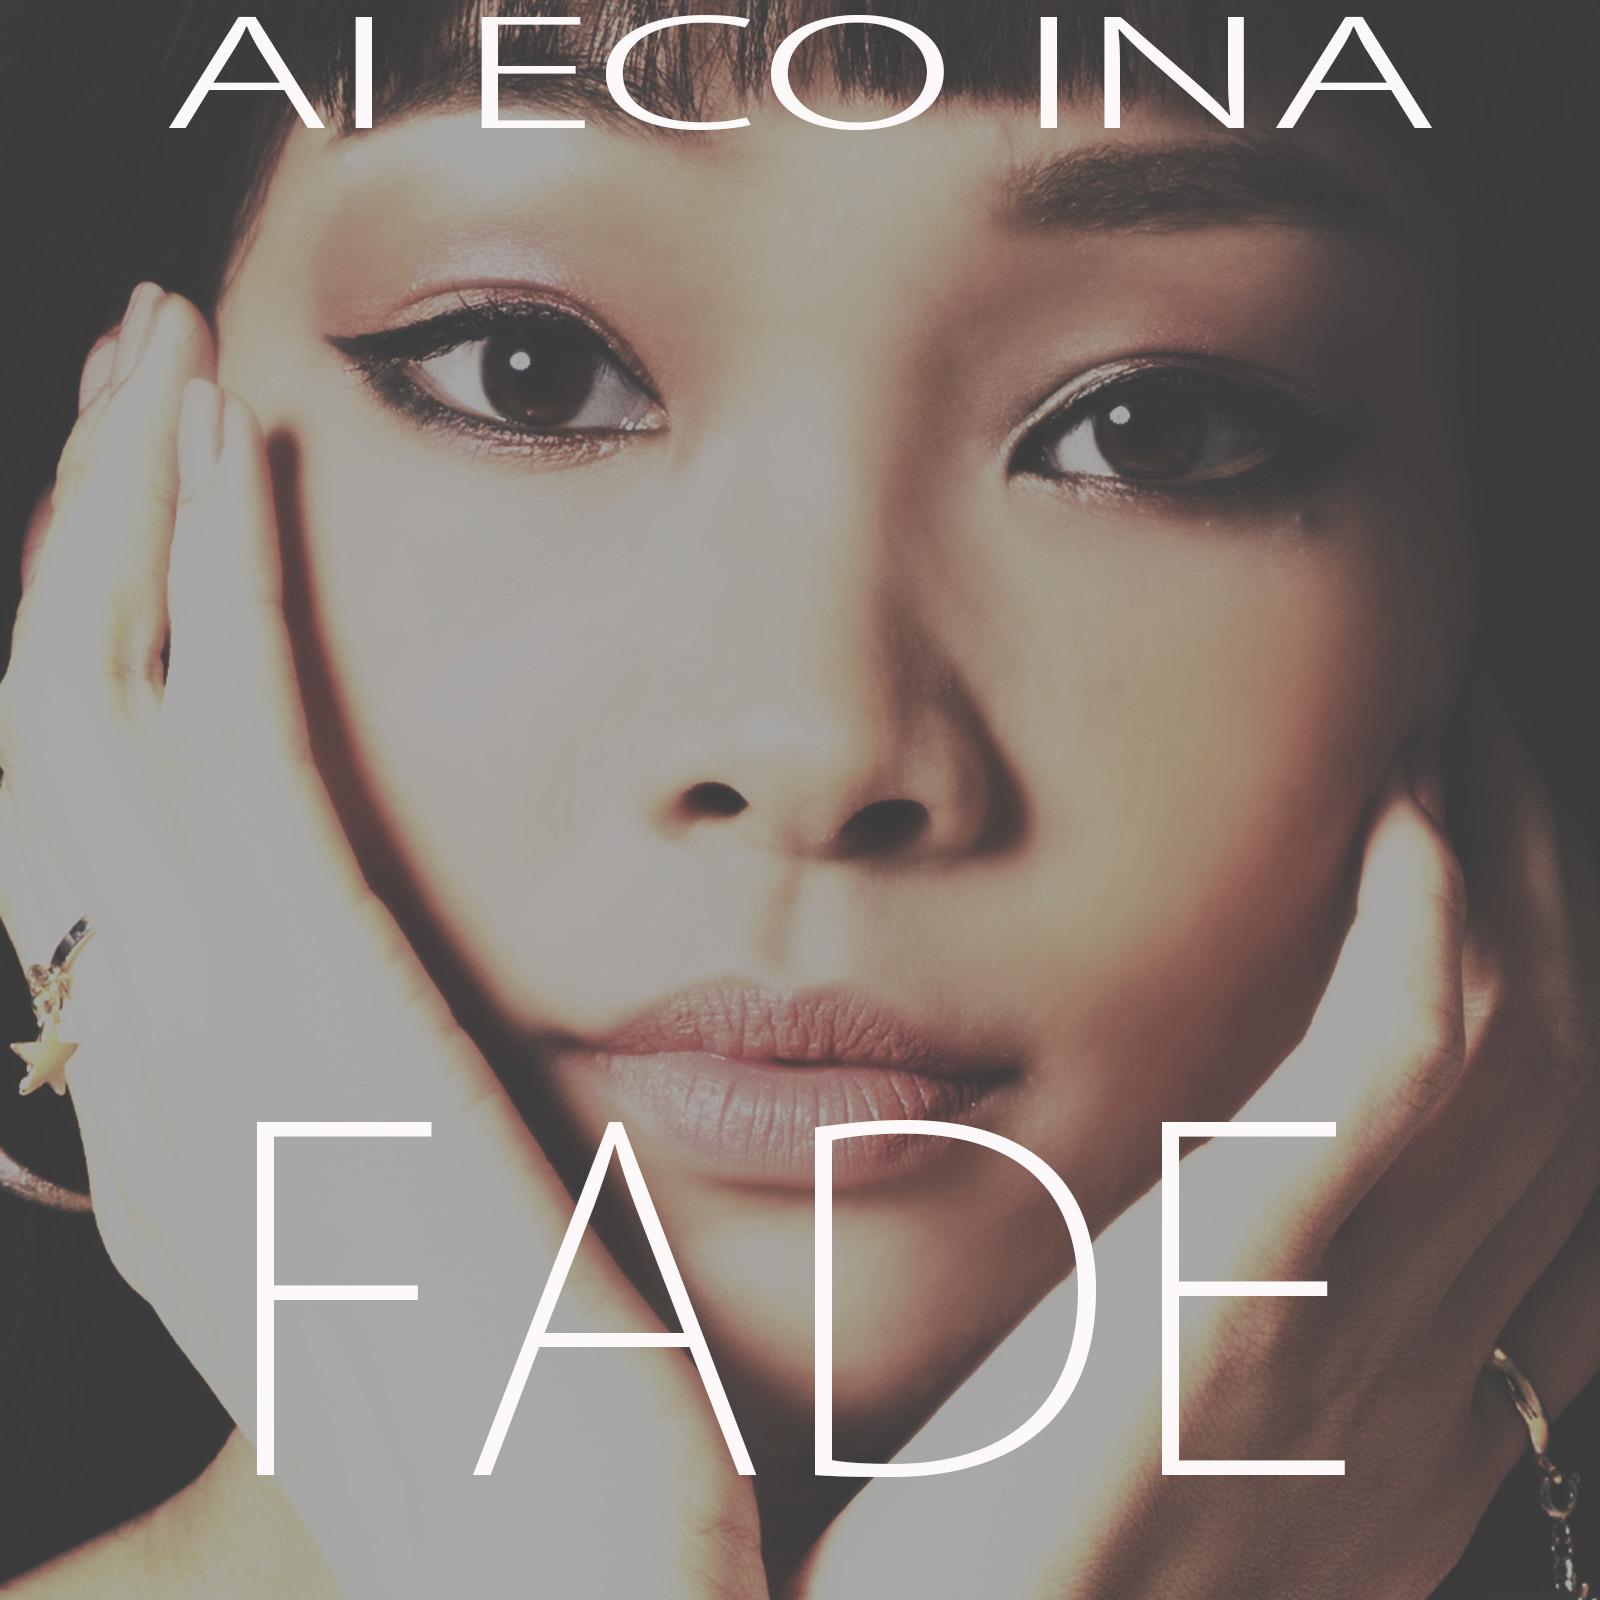 AI ECO INA / Fade - Single / 2017.03.31